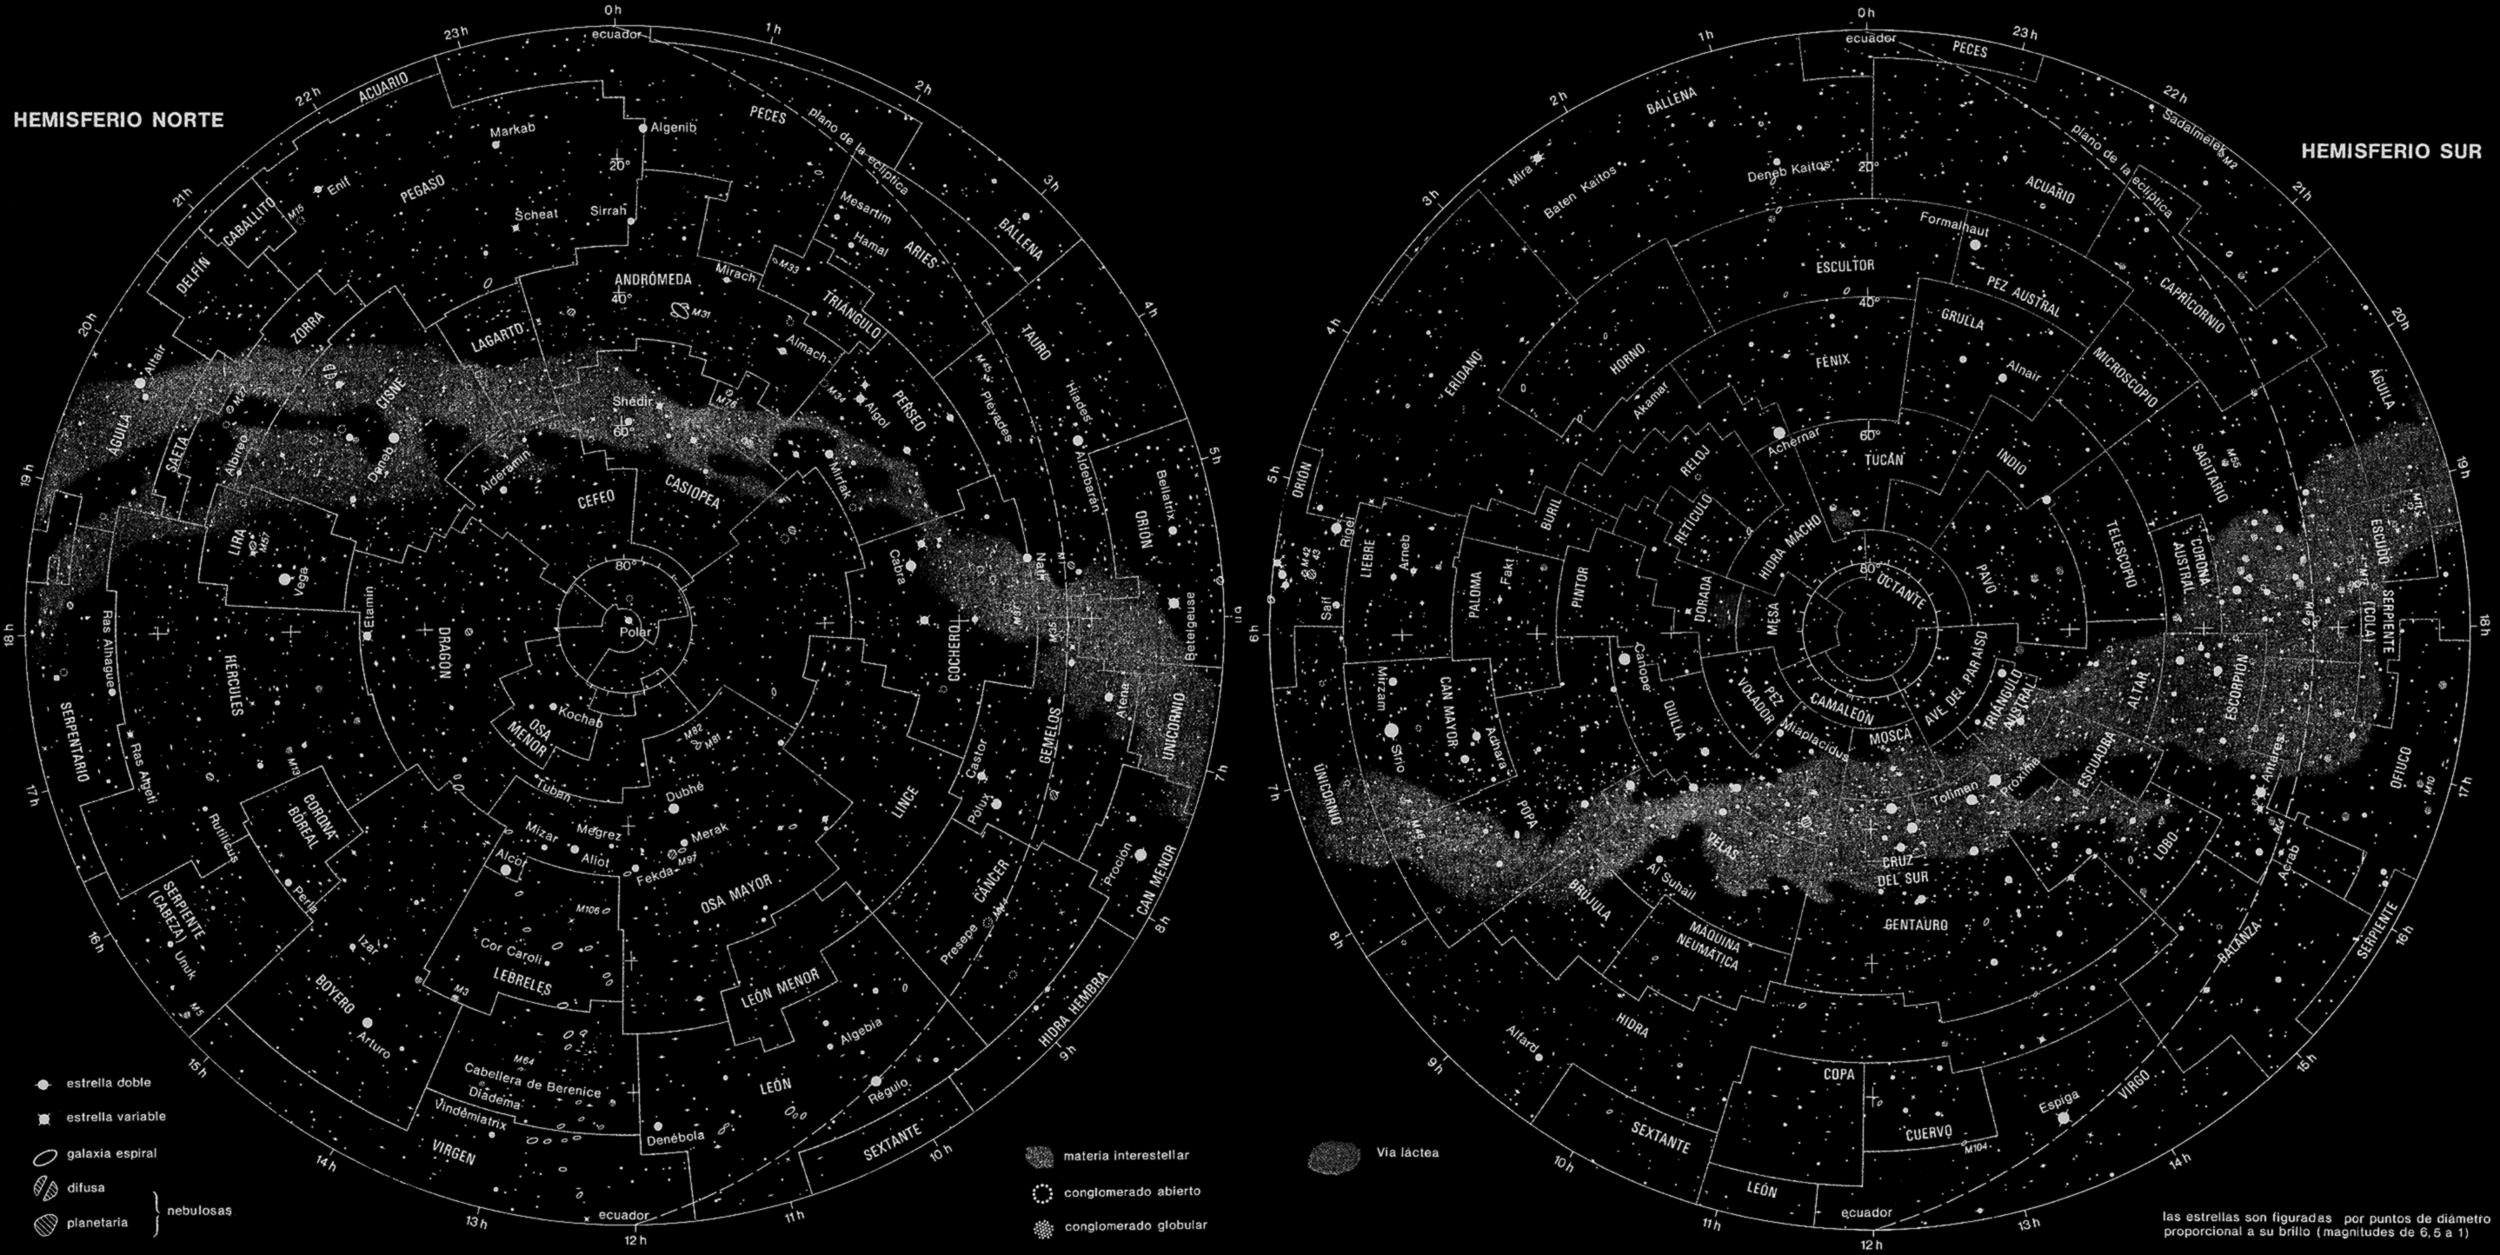 Mapa de constelaciones según hemisferio